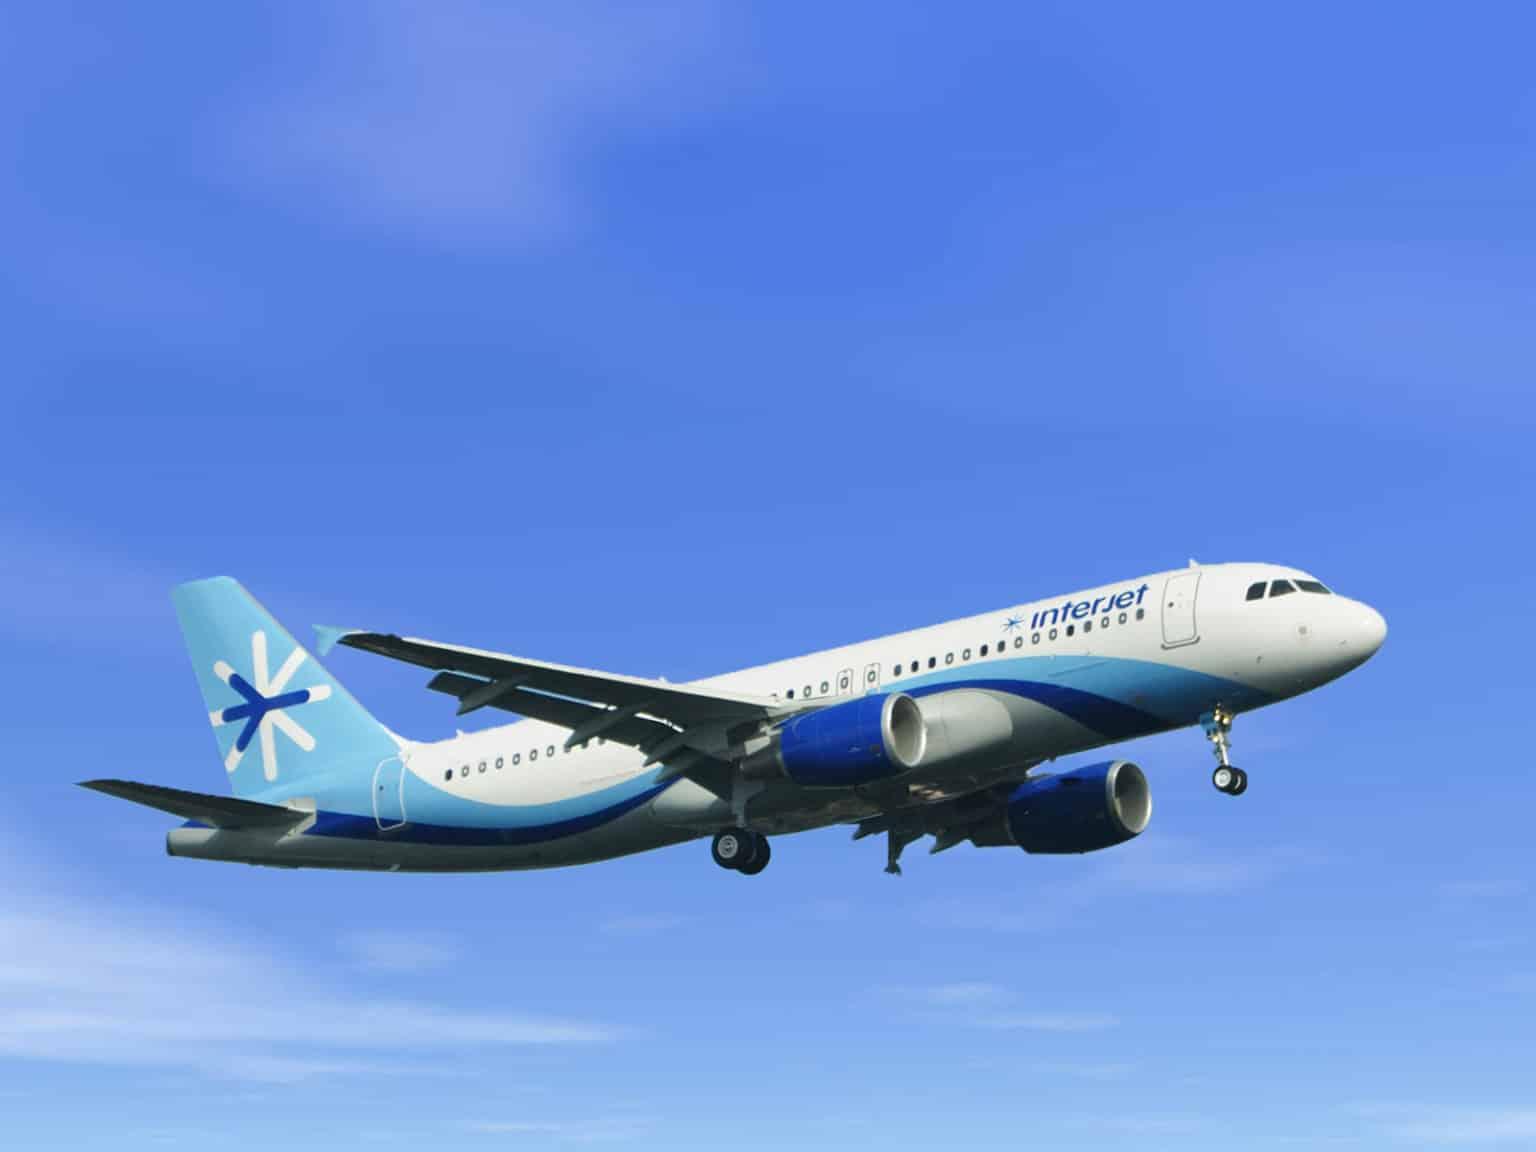 Avion Interjet au Mexique